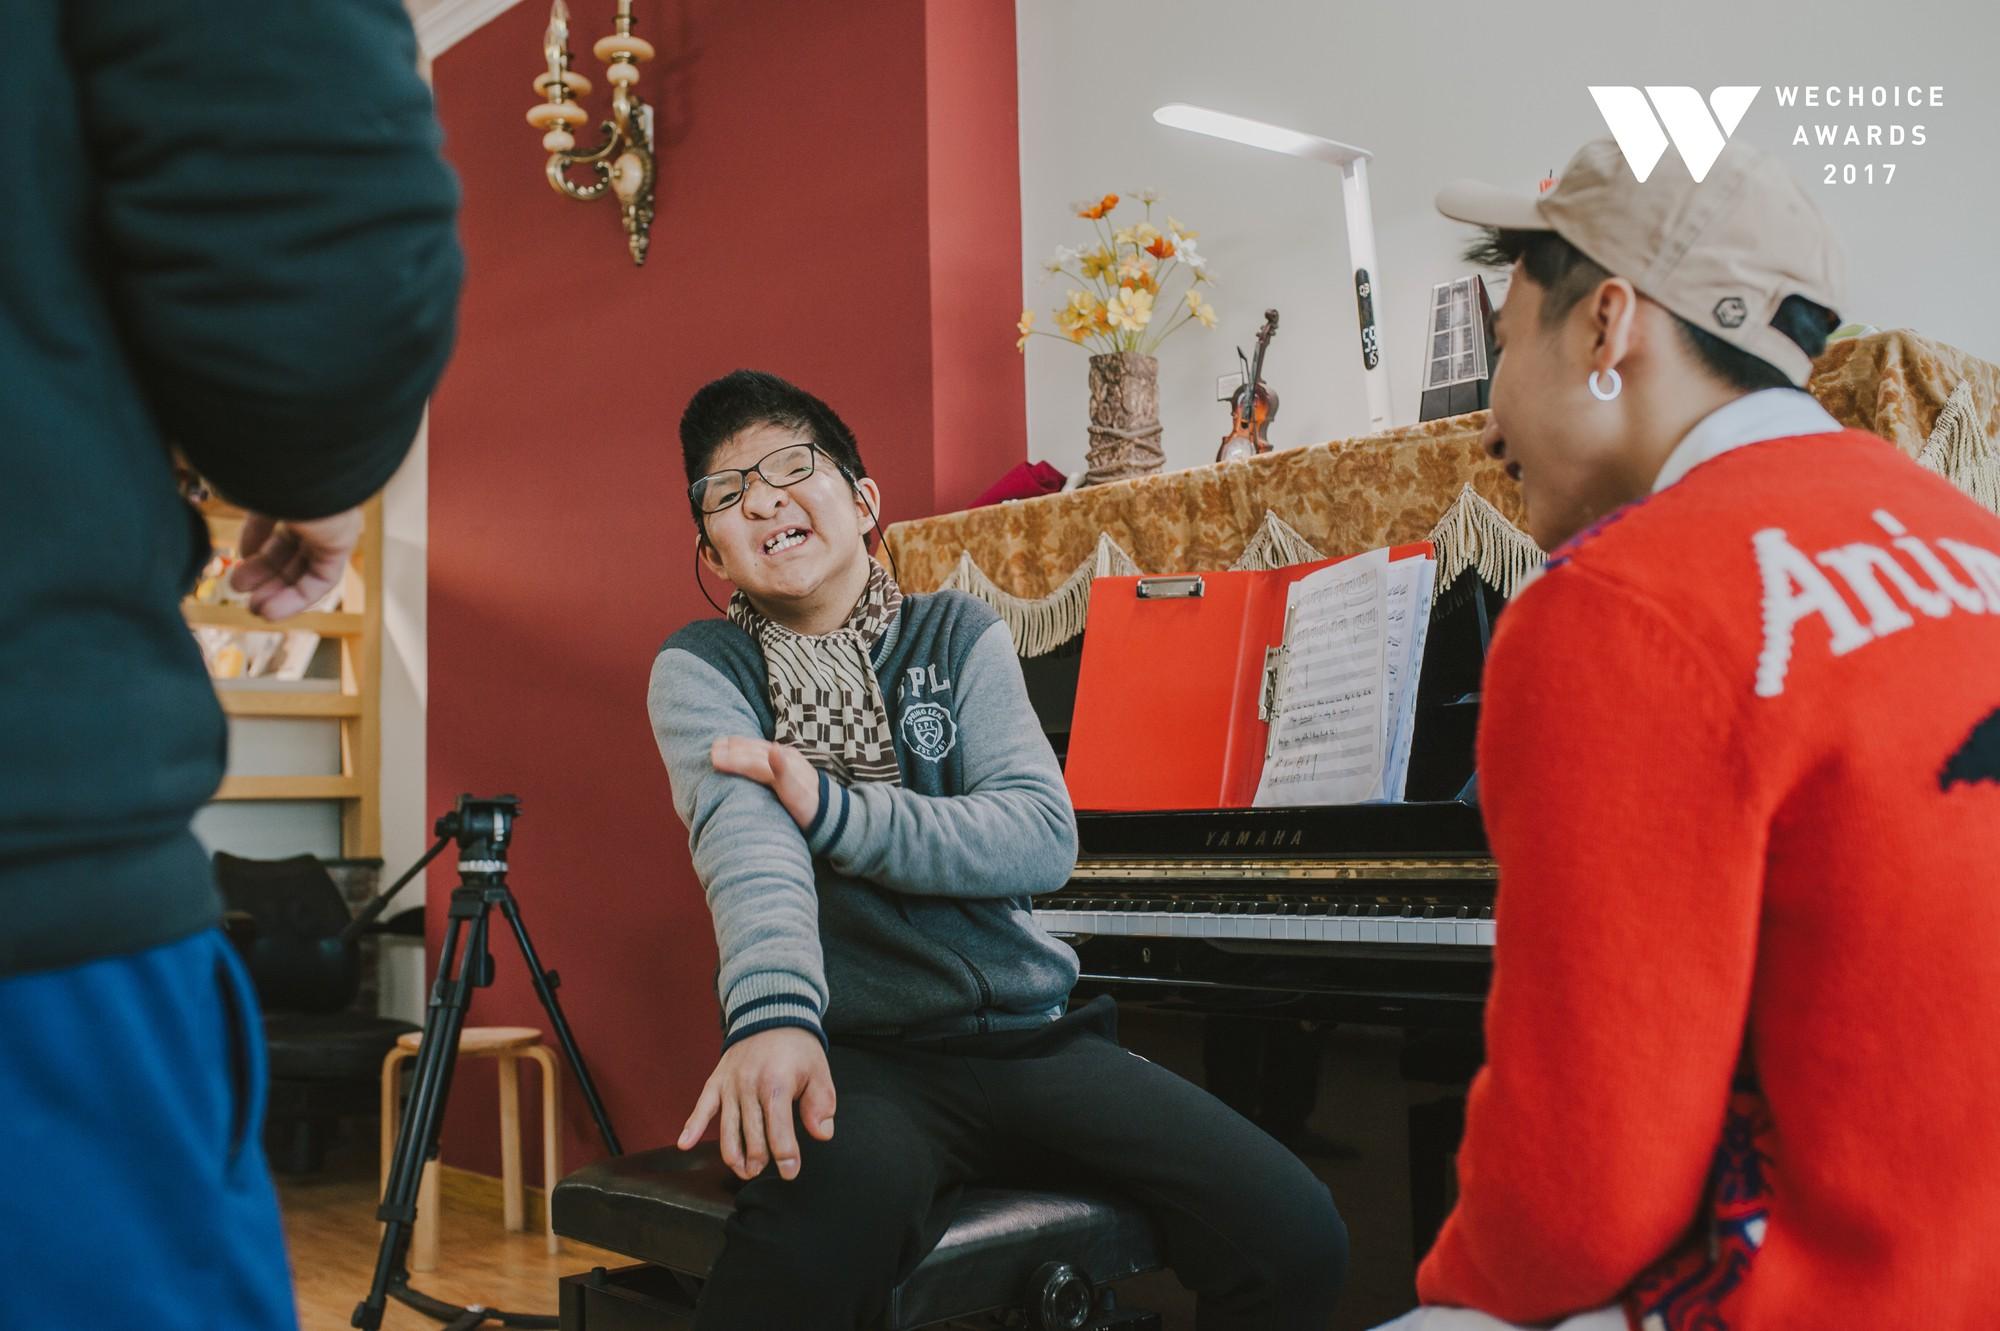 Khoảnh khắc đẹp: Sơn Tùng và bé Bôm hoà chung đam mê qua tiếng đàn, tập luyện cho sân khấu đặc biệt Gala WeChoice Awards 2017 - Ảnh 15.